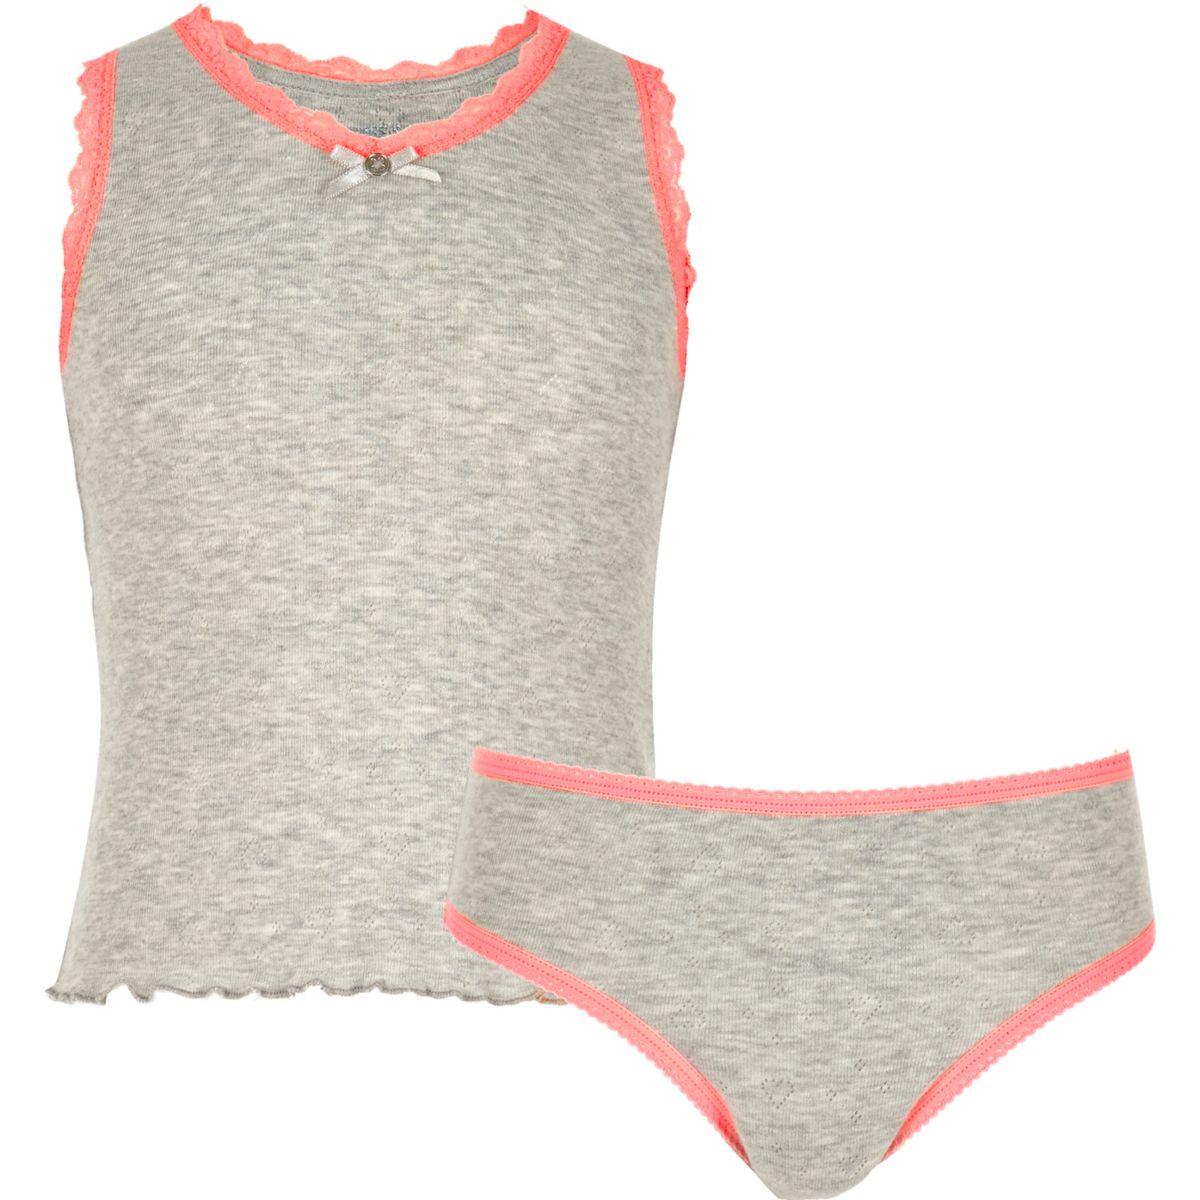 Girls grey pointelle tank and underwear